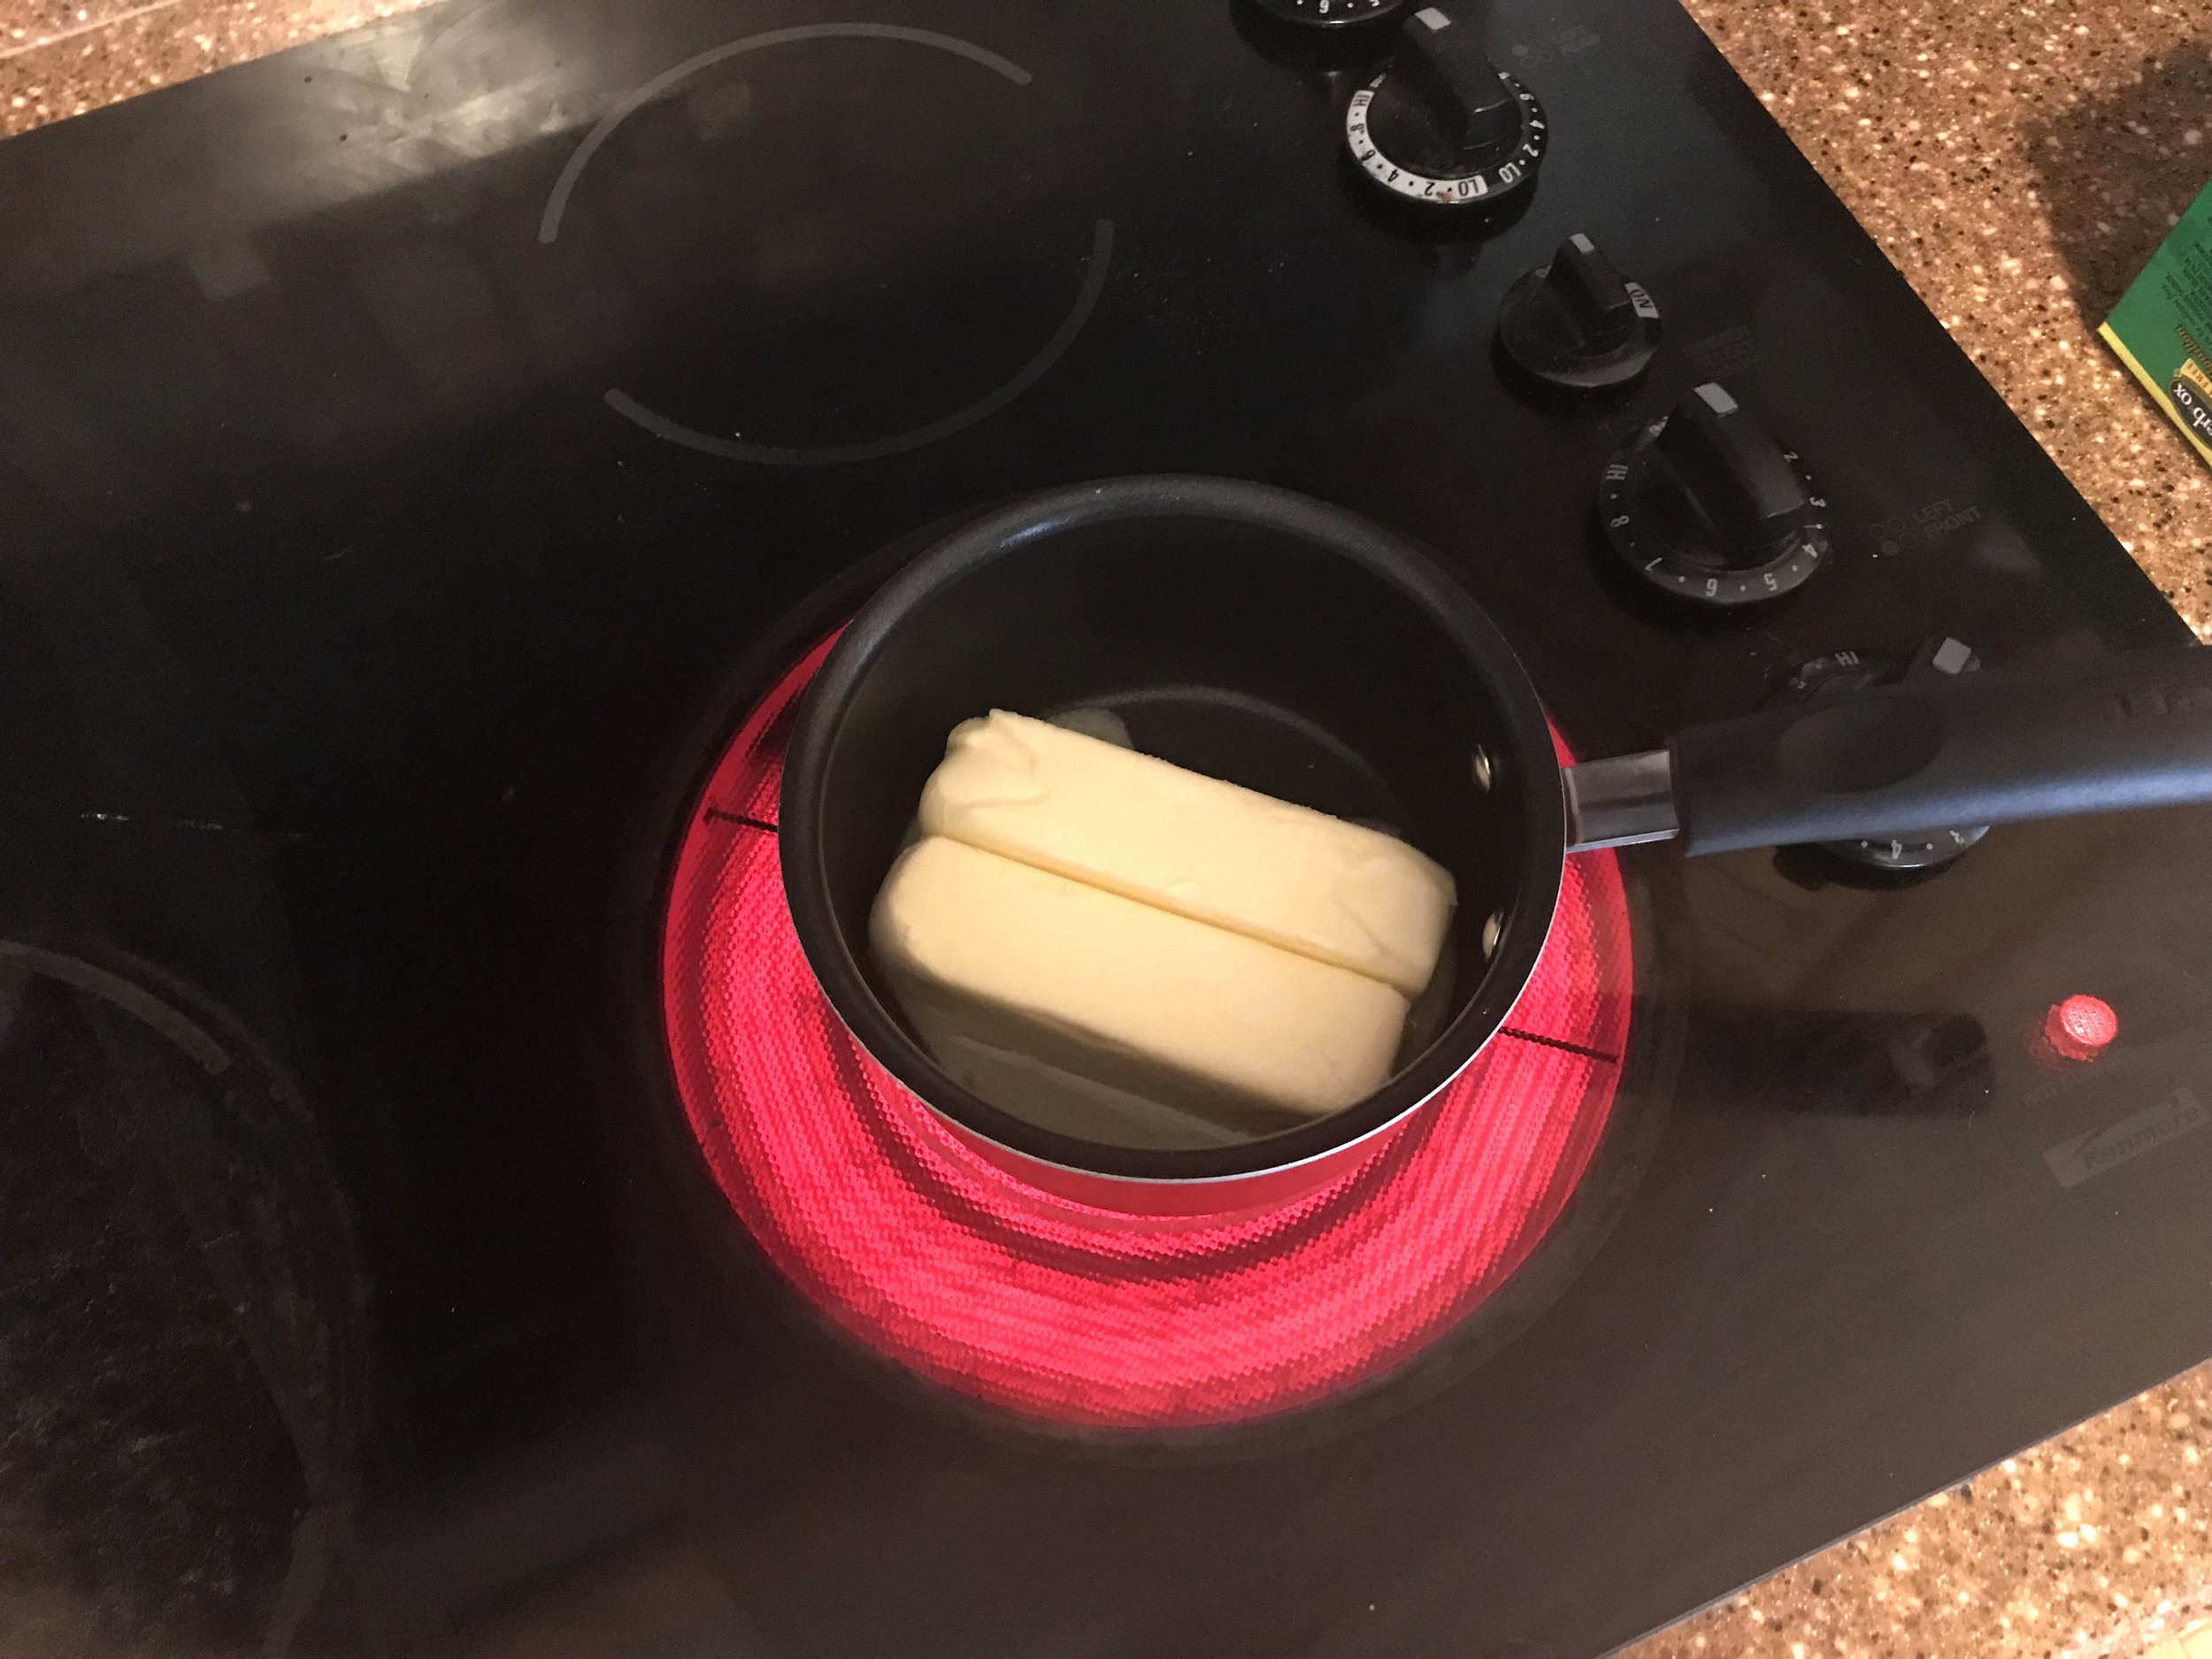 Melt down two sticks of butter over medium-high heat.